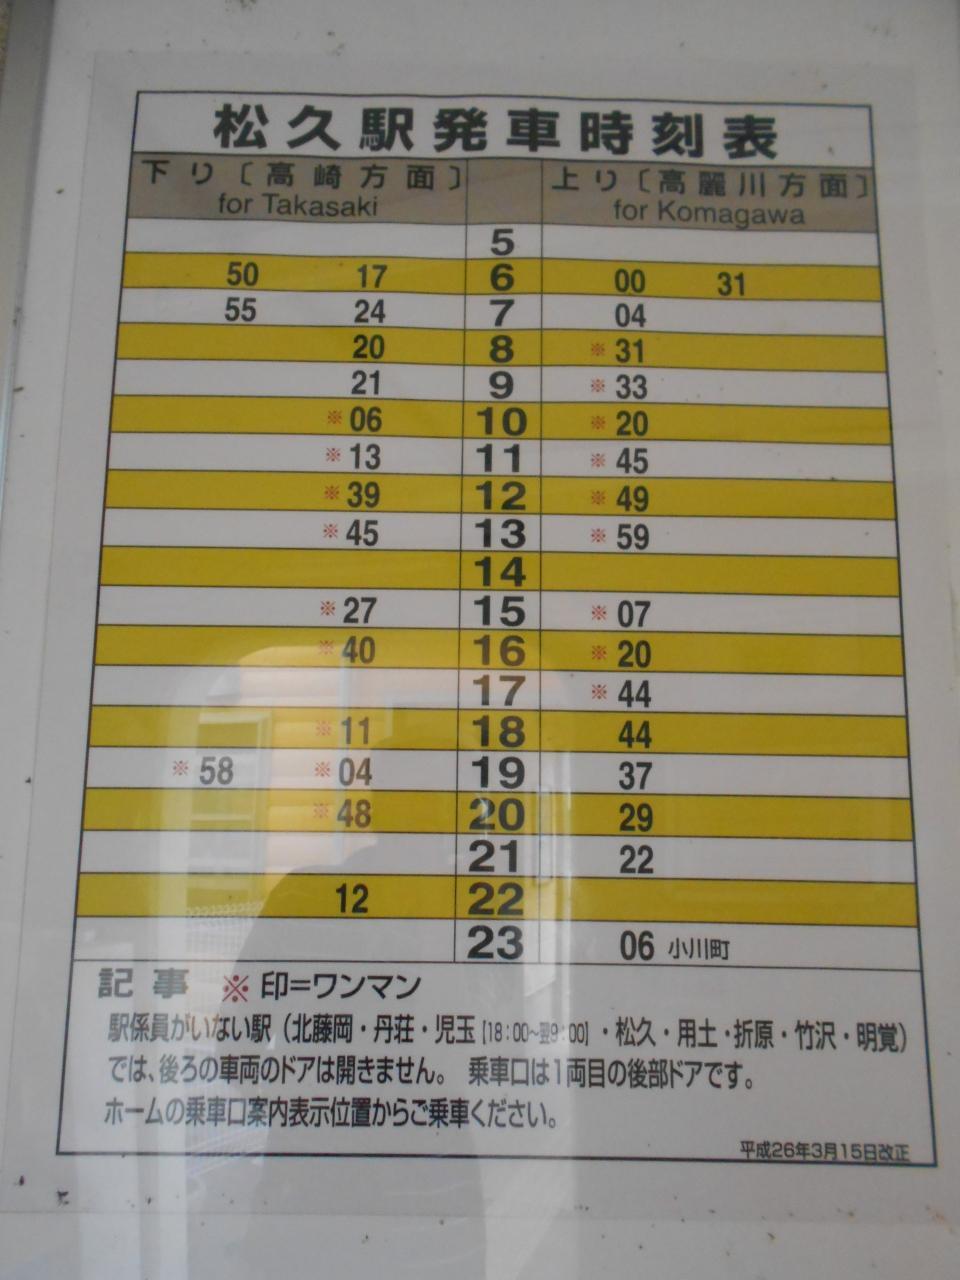 JR八高線松久駅時刻表\u003cbr /\u003e\u003cbr /\u003e